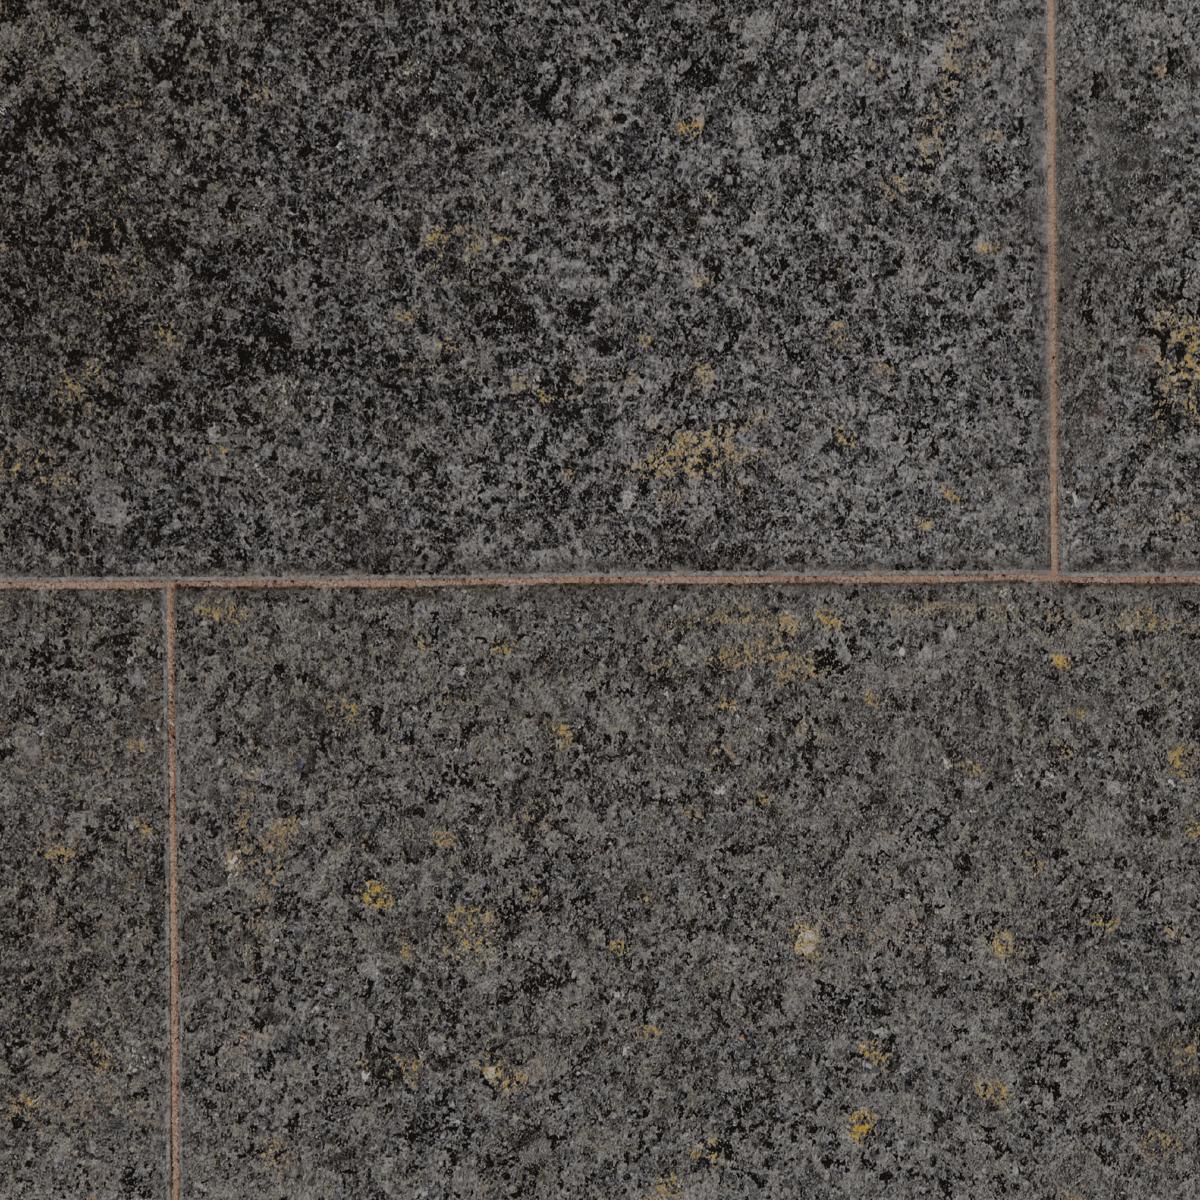 noir gold granite single size packs 20mm calibrated. Black Bedroom Furniture Sets. Home Design Ideas